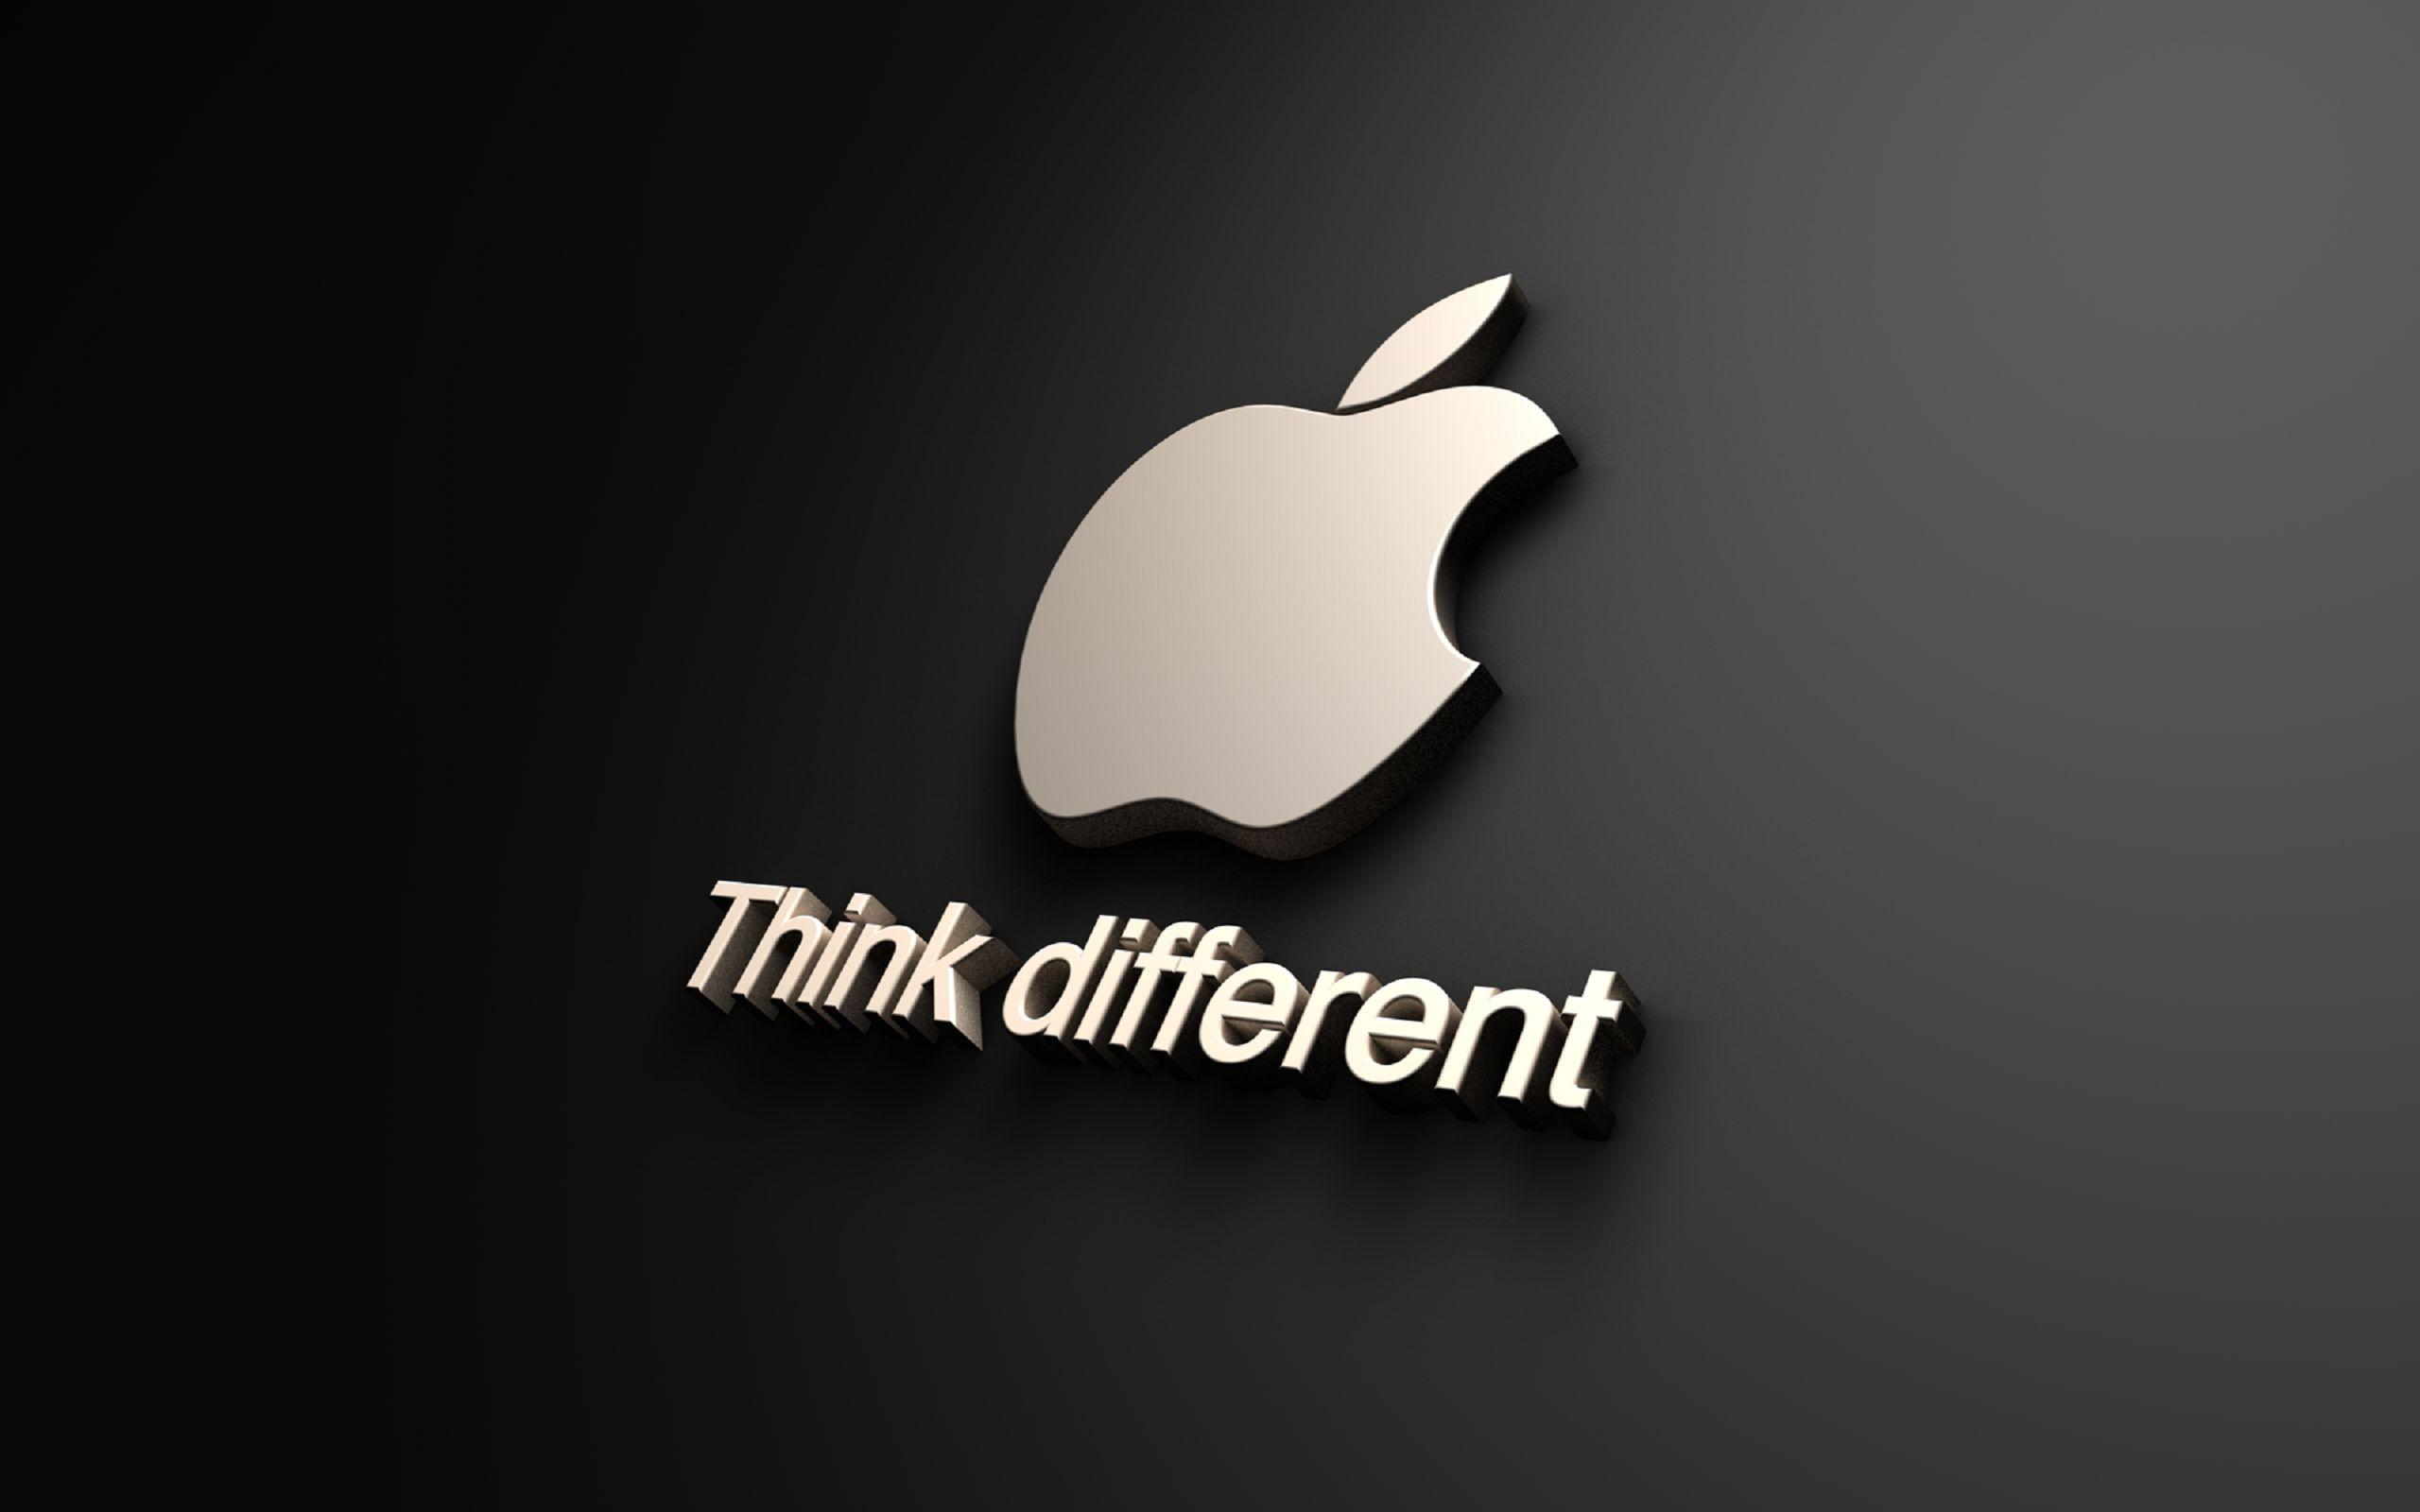 Cum isi promoveaza Apple vanzarile?